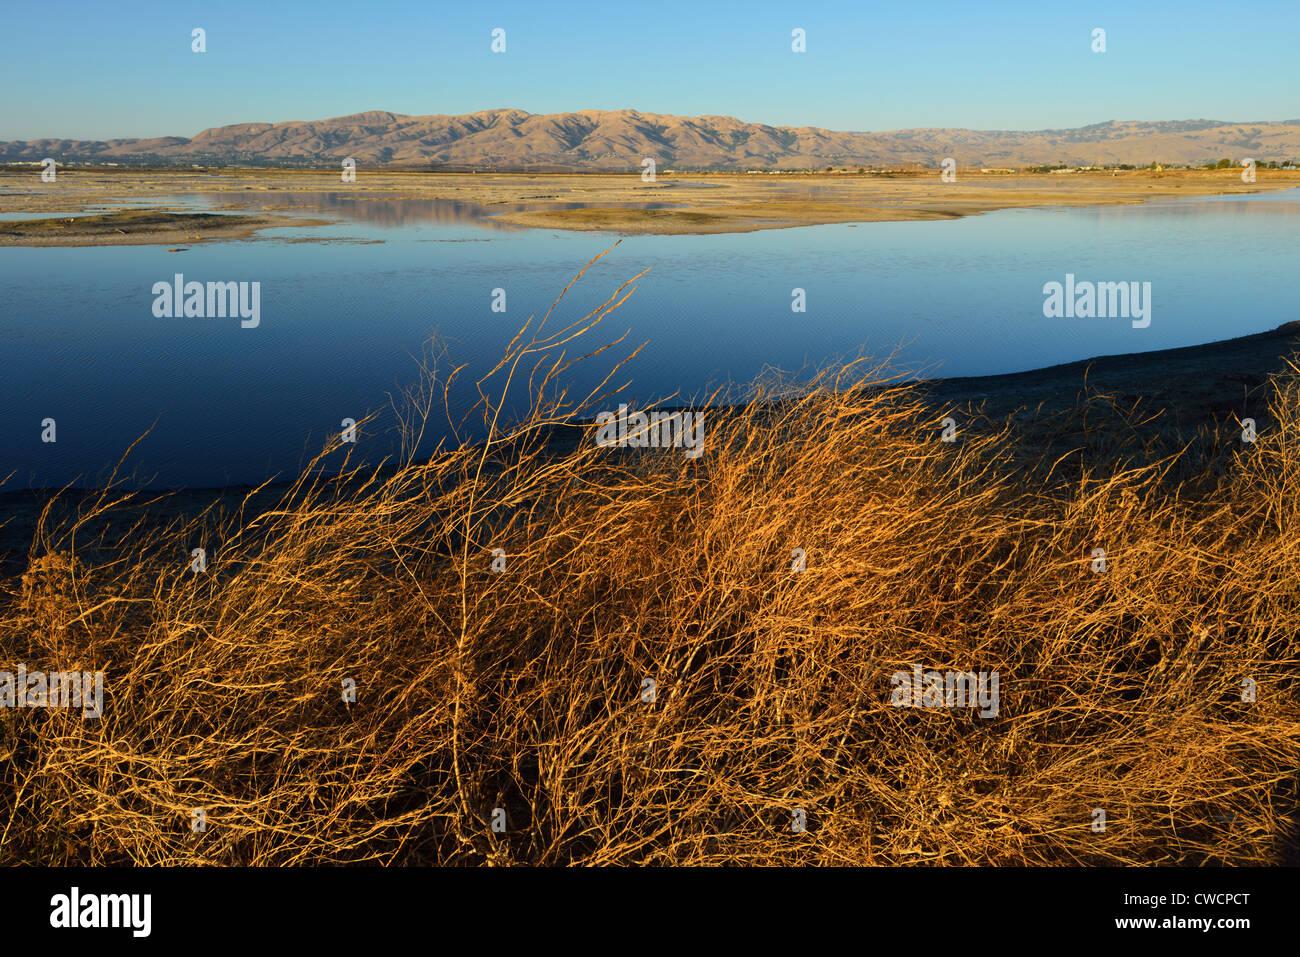 Alviso Marina County Park, San Jose CA - Stock Image